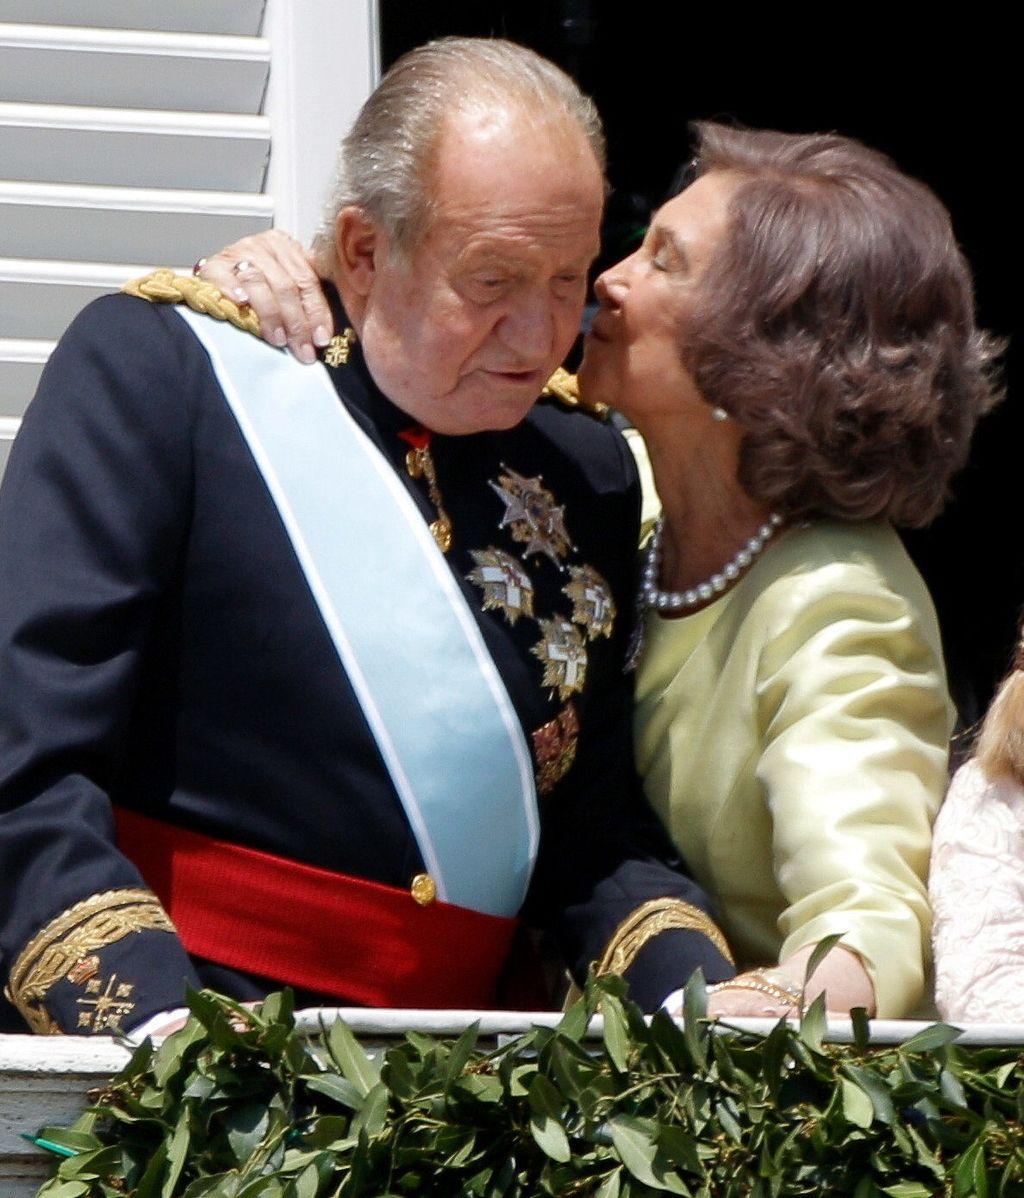 Don Juan Carlos recibe el beso cariñoso de doña Sofía en el balcón del Palacio Real